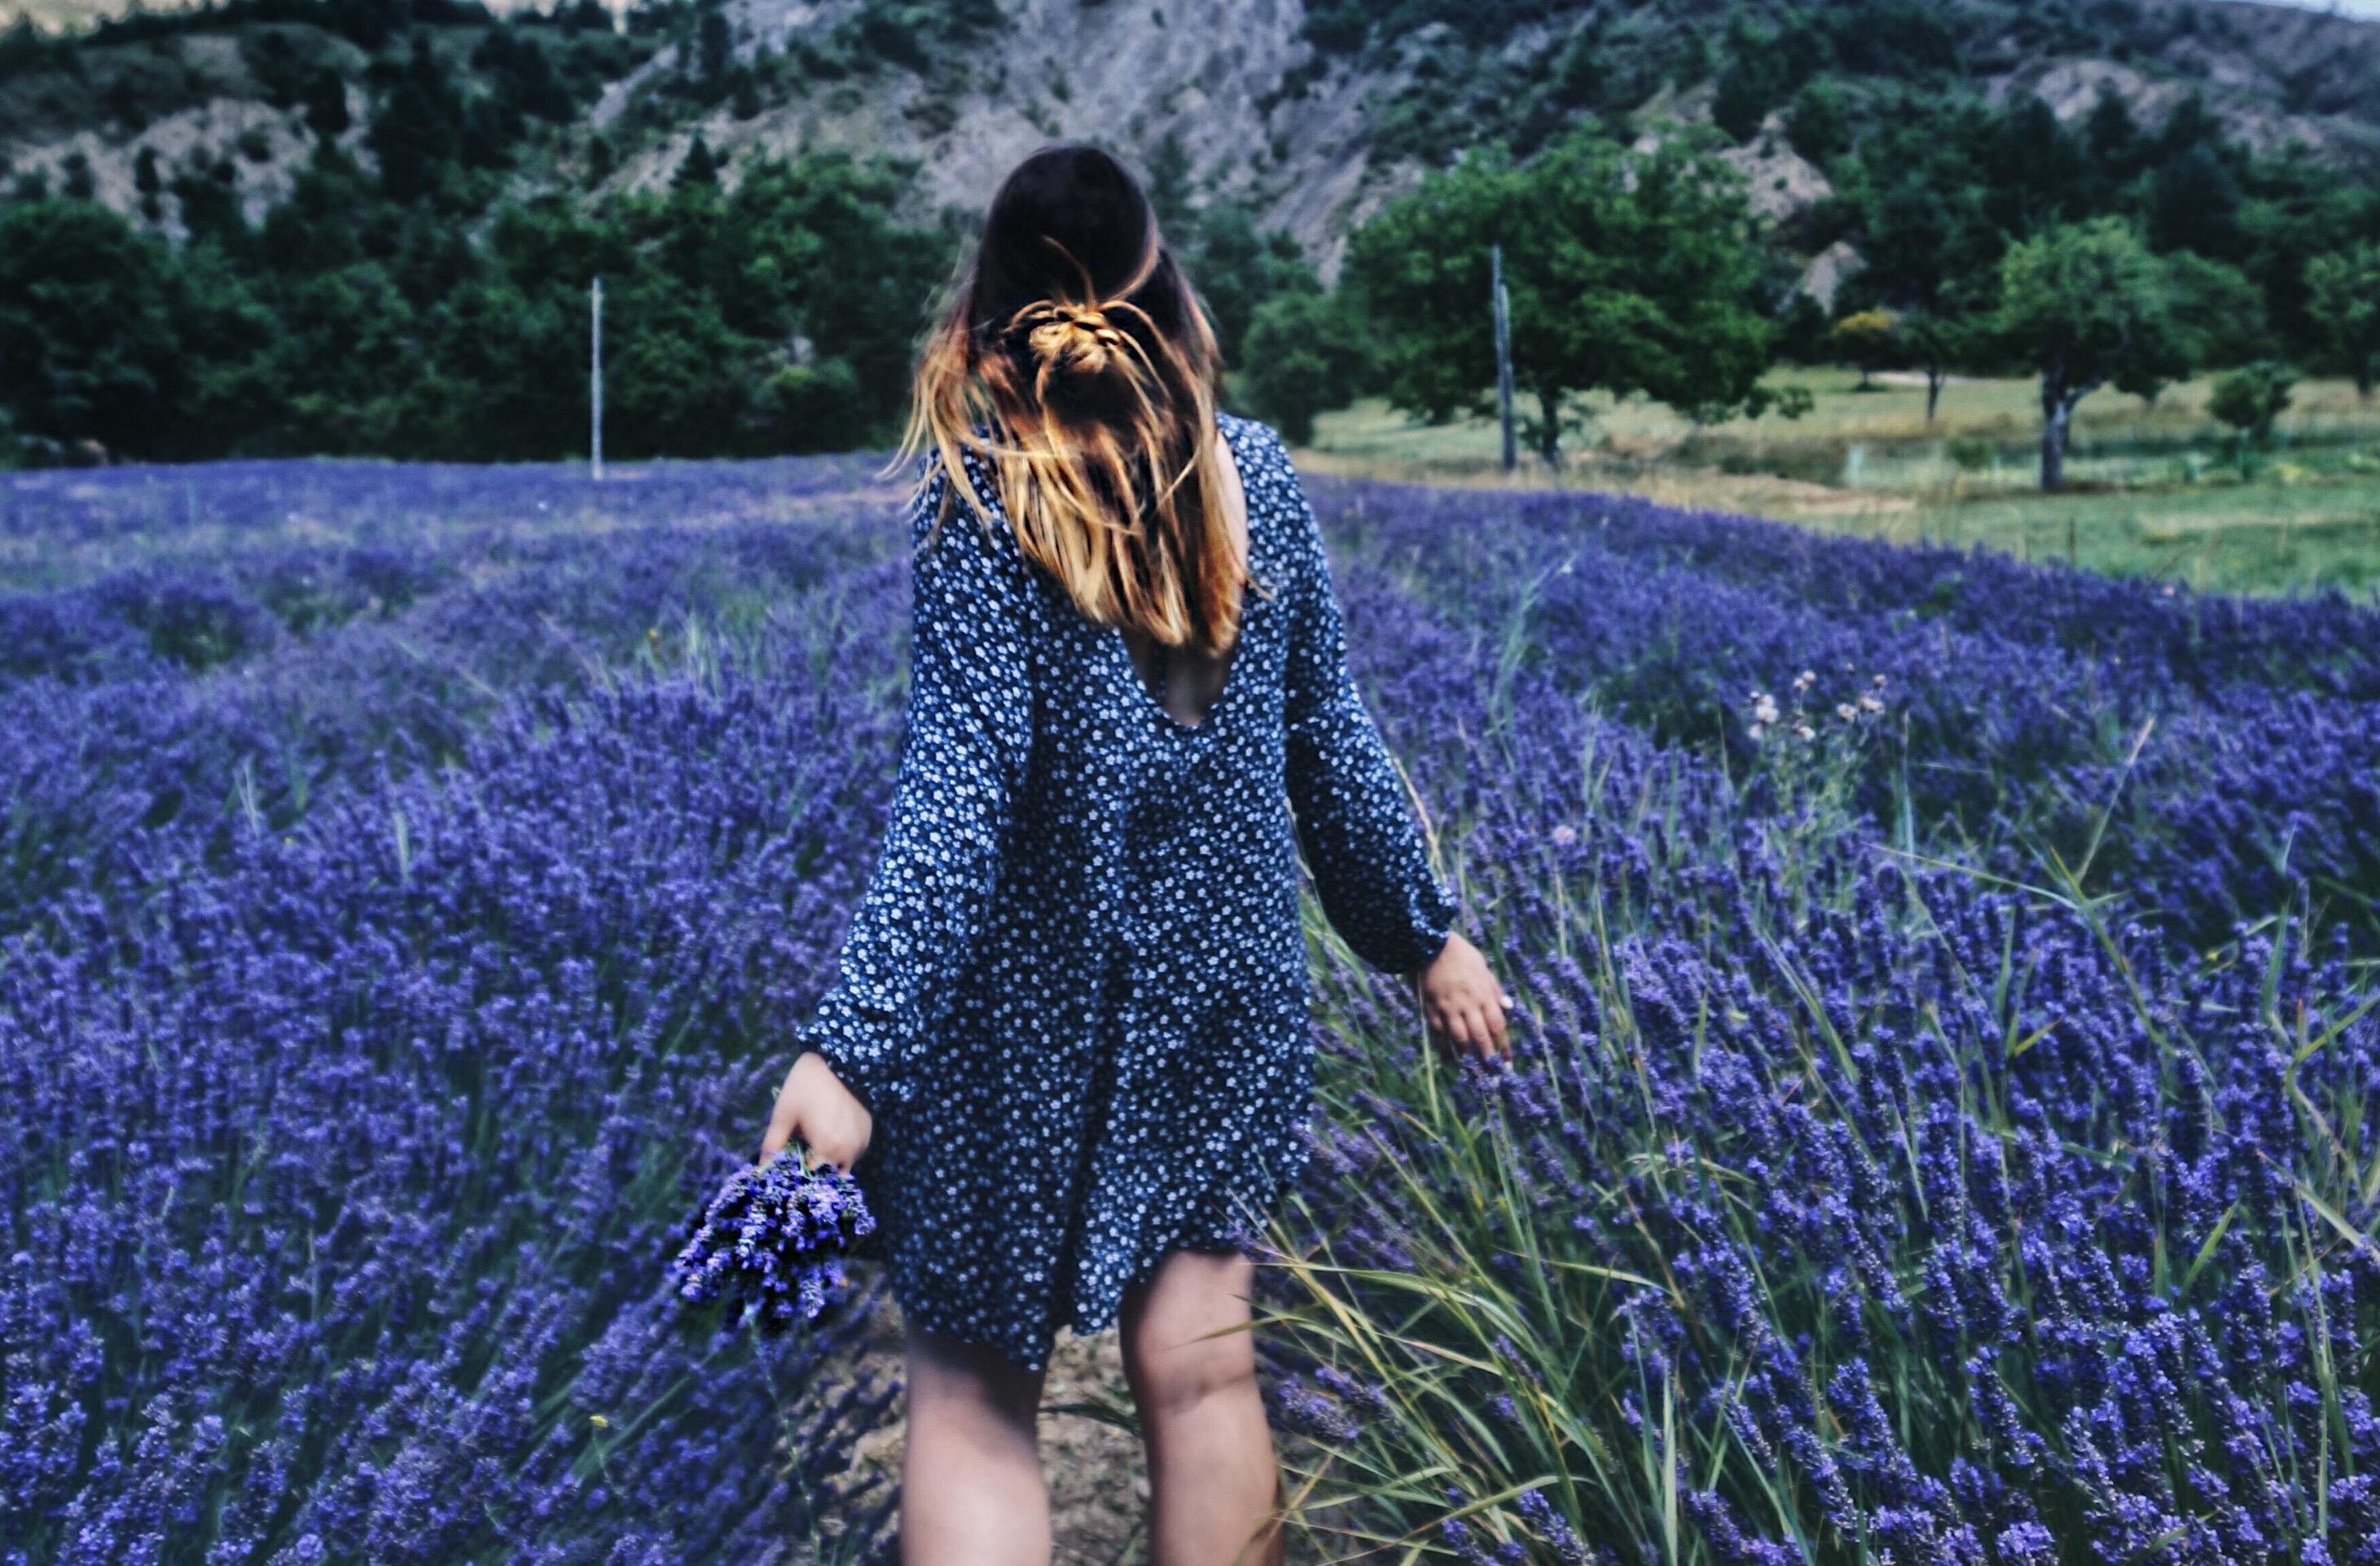 Reisen zum Lavendel, Lavendelfelder in der Provence, Frankreich, Felder, Abenteuer, Reiseziele Europa